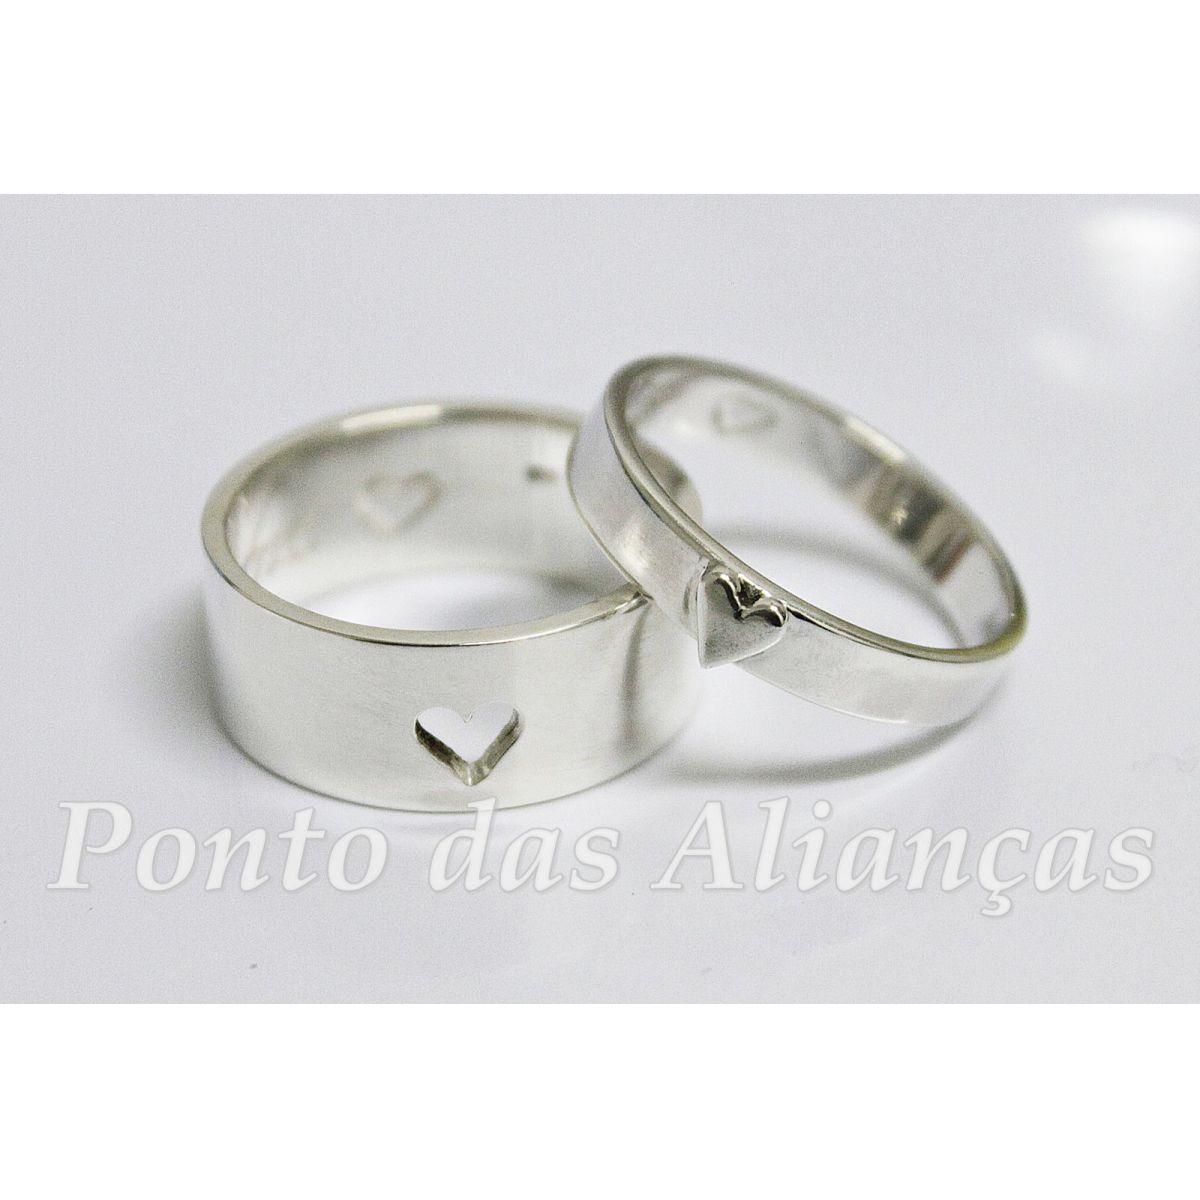 Alianças de Prata Compromisso - 3036